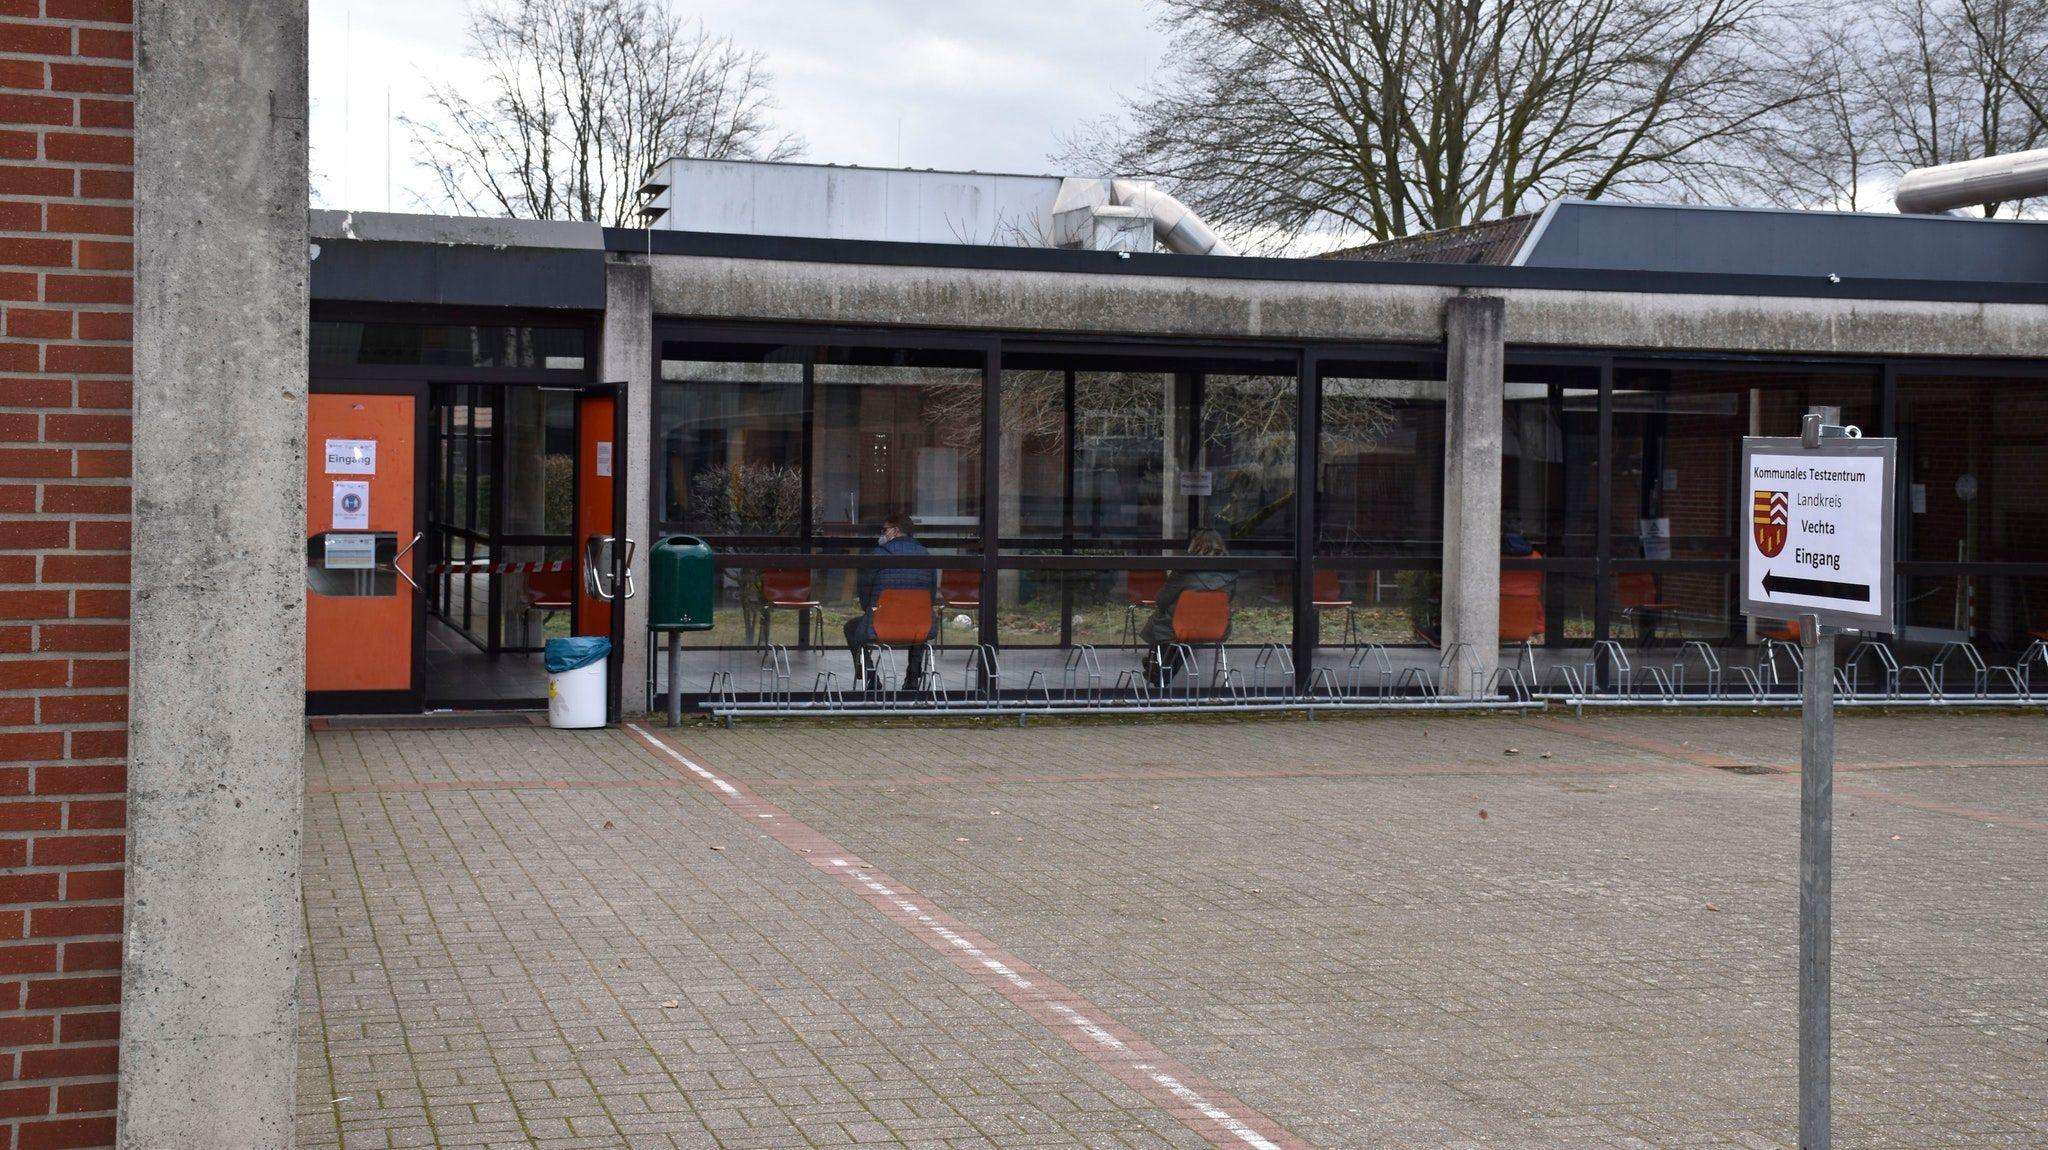 Eines der dezentralen Testzentren im Landkreis Vechta, das nun geschlossen wird: das Foyer der Sport- und Schwimmhalle der Geschwister-Scholl-Oberschule in Vechta. Foto: Scholz